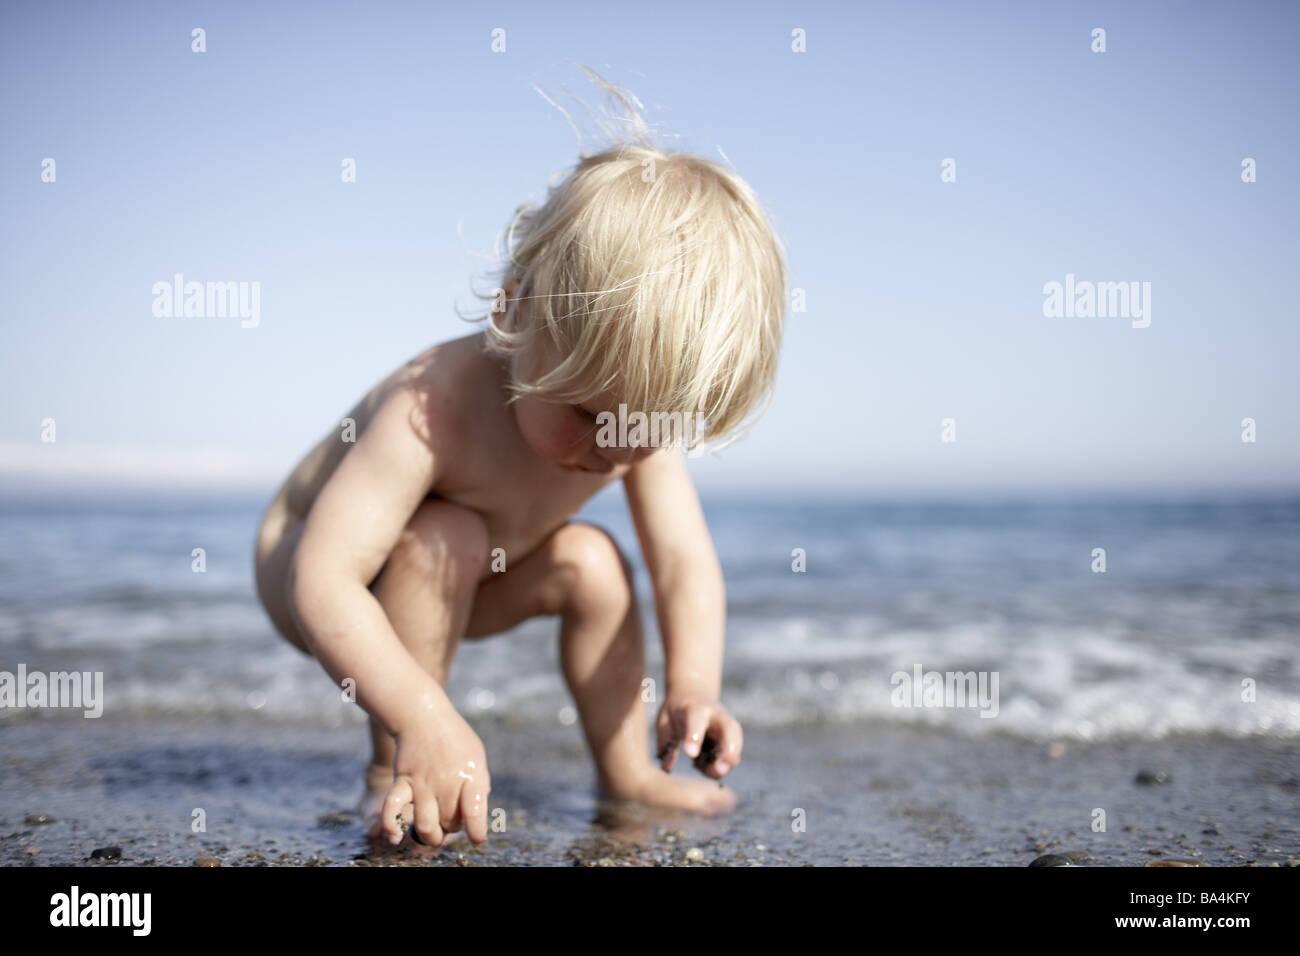 La Gente Juega Mar Playa De Arena Serie Desnudo Niño Niño Niña De 2